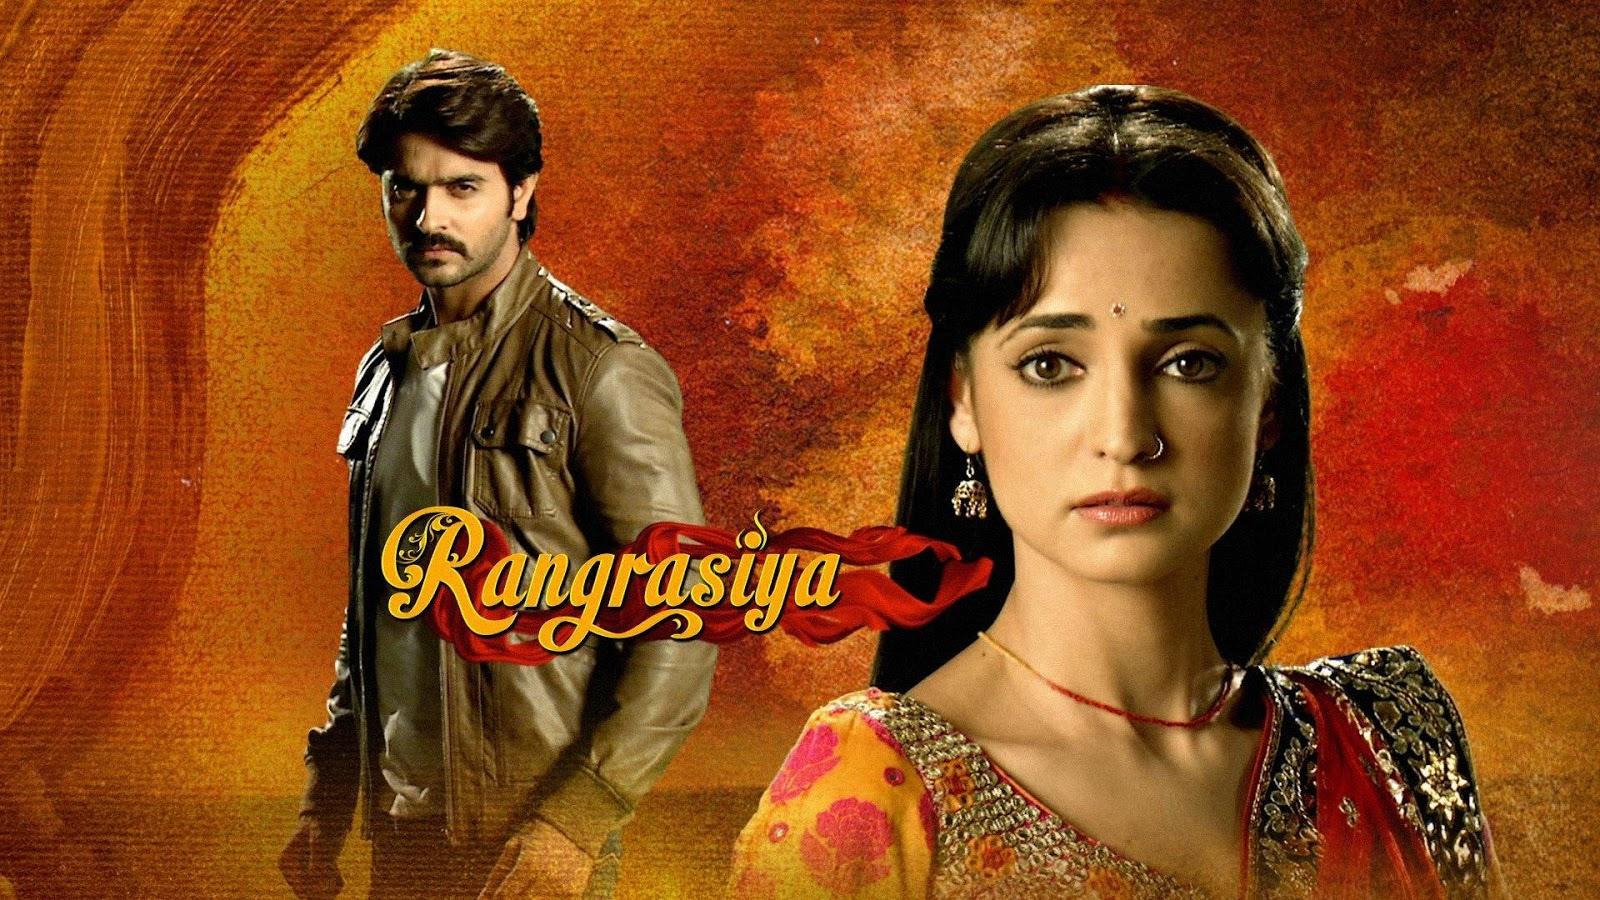 Rang rasiya song 320kbps (palak muchhal) download-320kbps. Com.